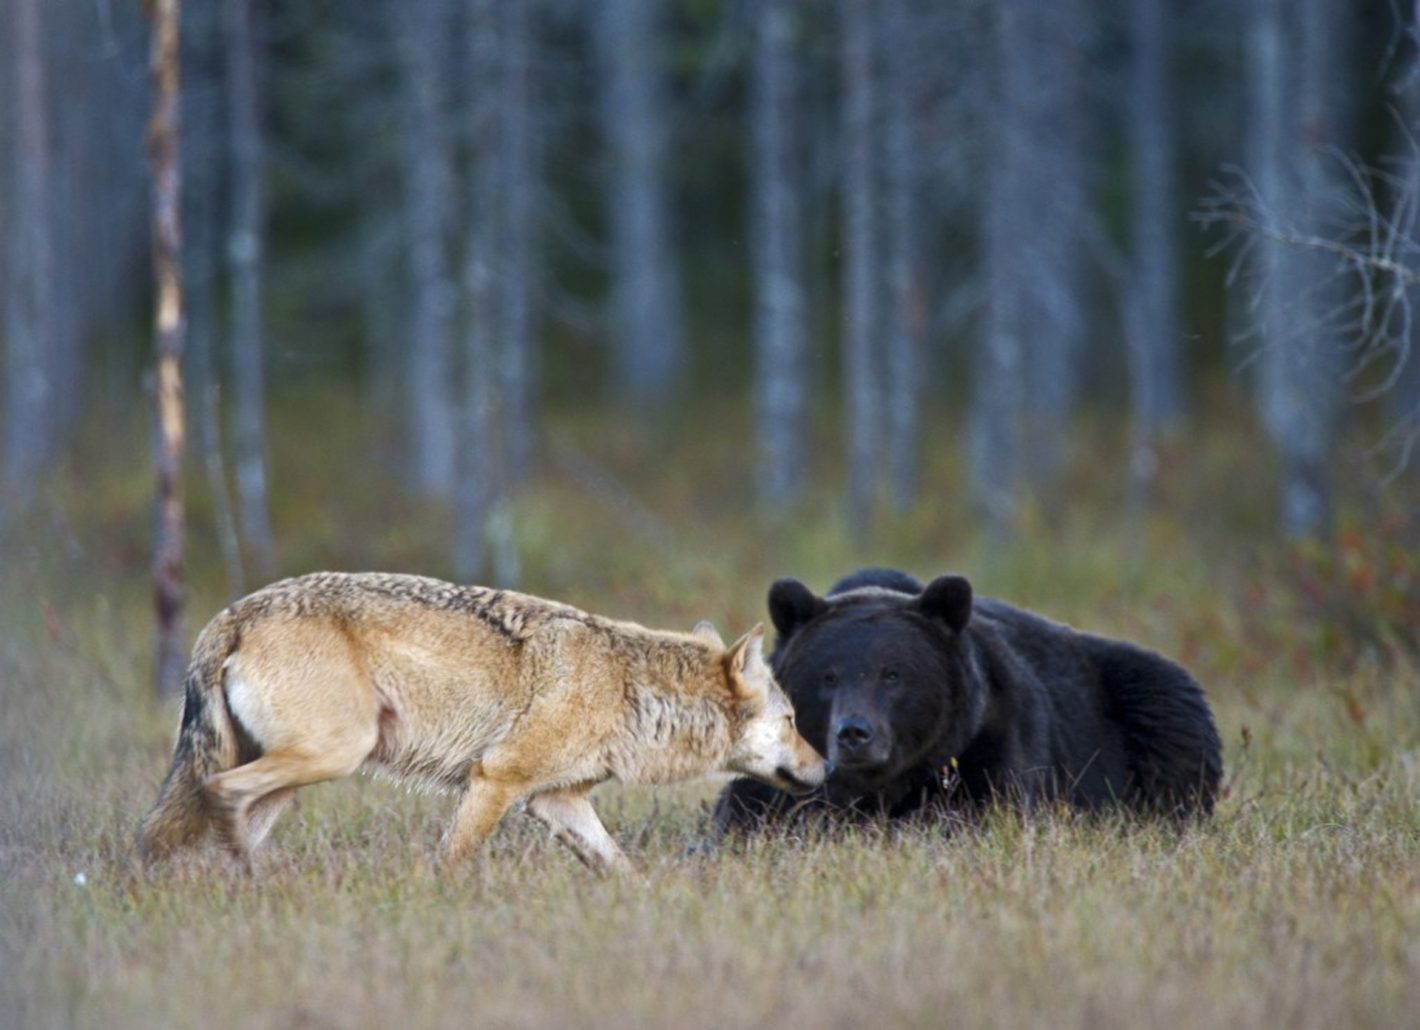 Personne ne peut savoir exactement pourquoi ou comment une jeune louve et un jeune ours sont devenus amis. Les touristes de toutes les régions du monde font le voyage pour essayer d'immortaliser cette belle amitié avec leur appareil photo. Photo prise avec le Nikon D3 et l'objectif NIKKOR 600MM F/4G ED VR à 1,7x f/6.7 | 1/60 s | 3200 ISO, le 15/09/2011 à 19h10 ©Lassi Rautiainen